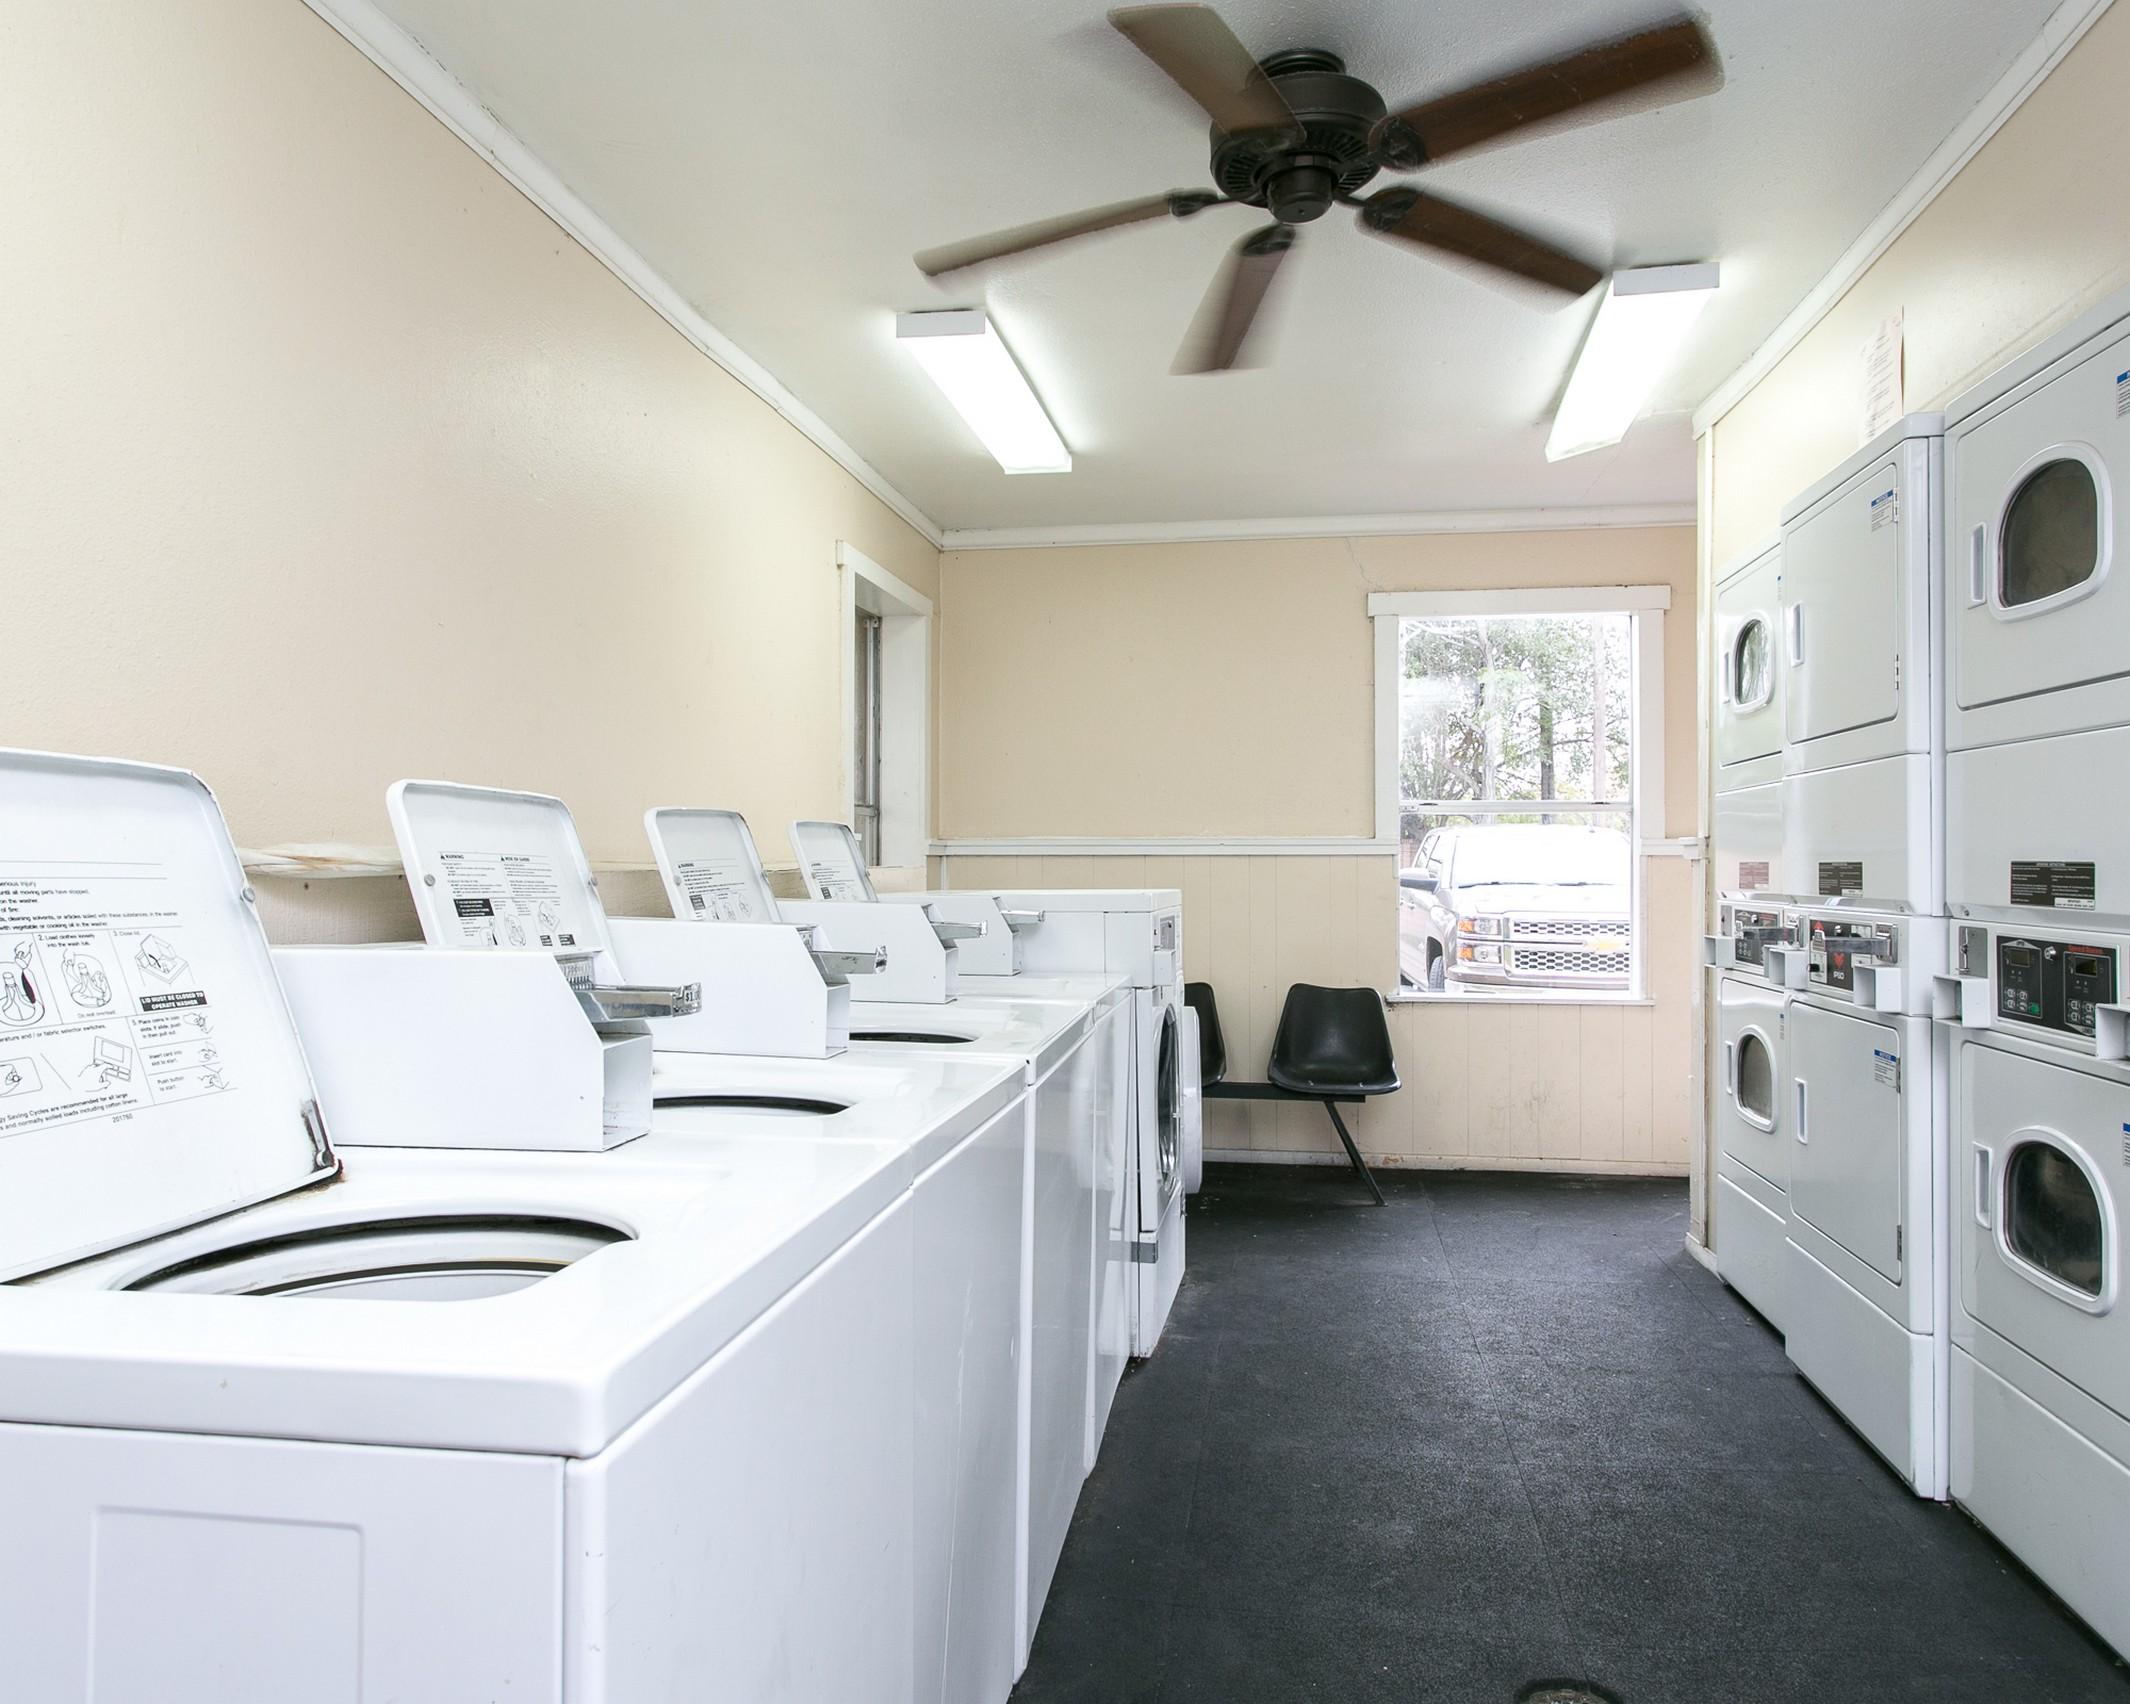 Samuel Place Apartments Prospera Housing Community Services